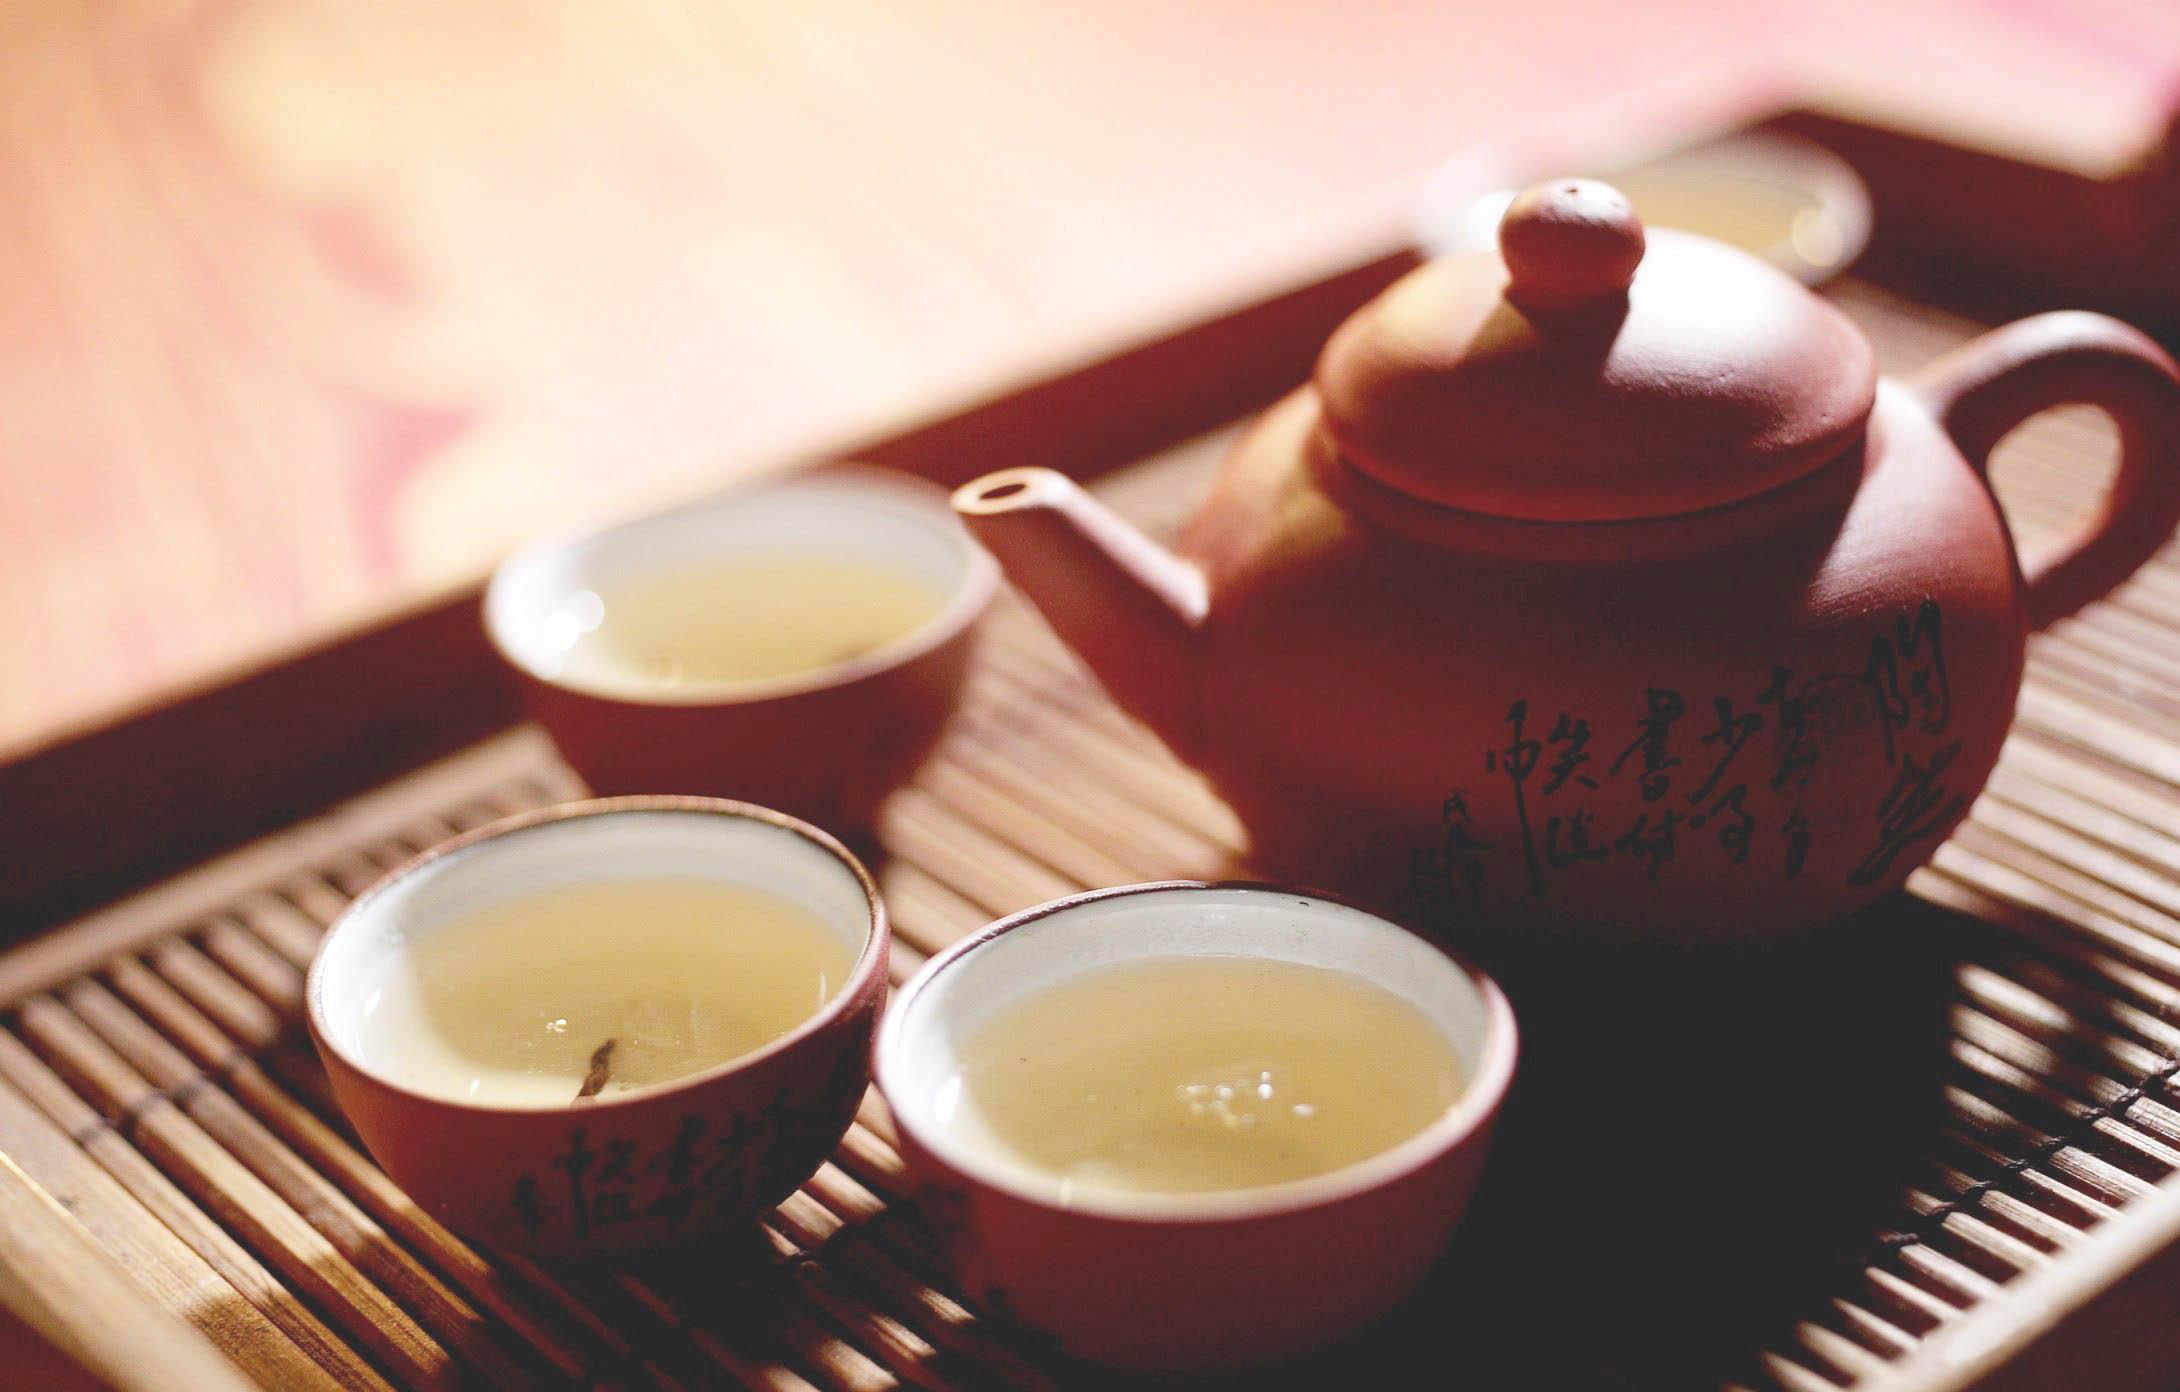 中式茶道文化崇静尚俭展现茶道之美